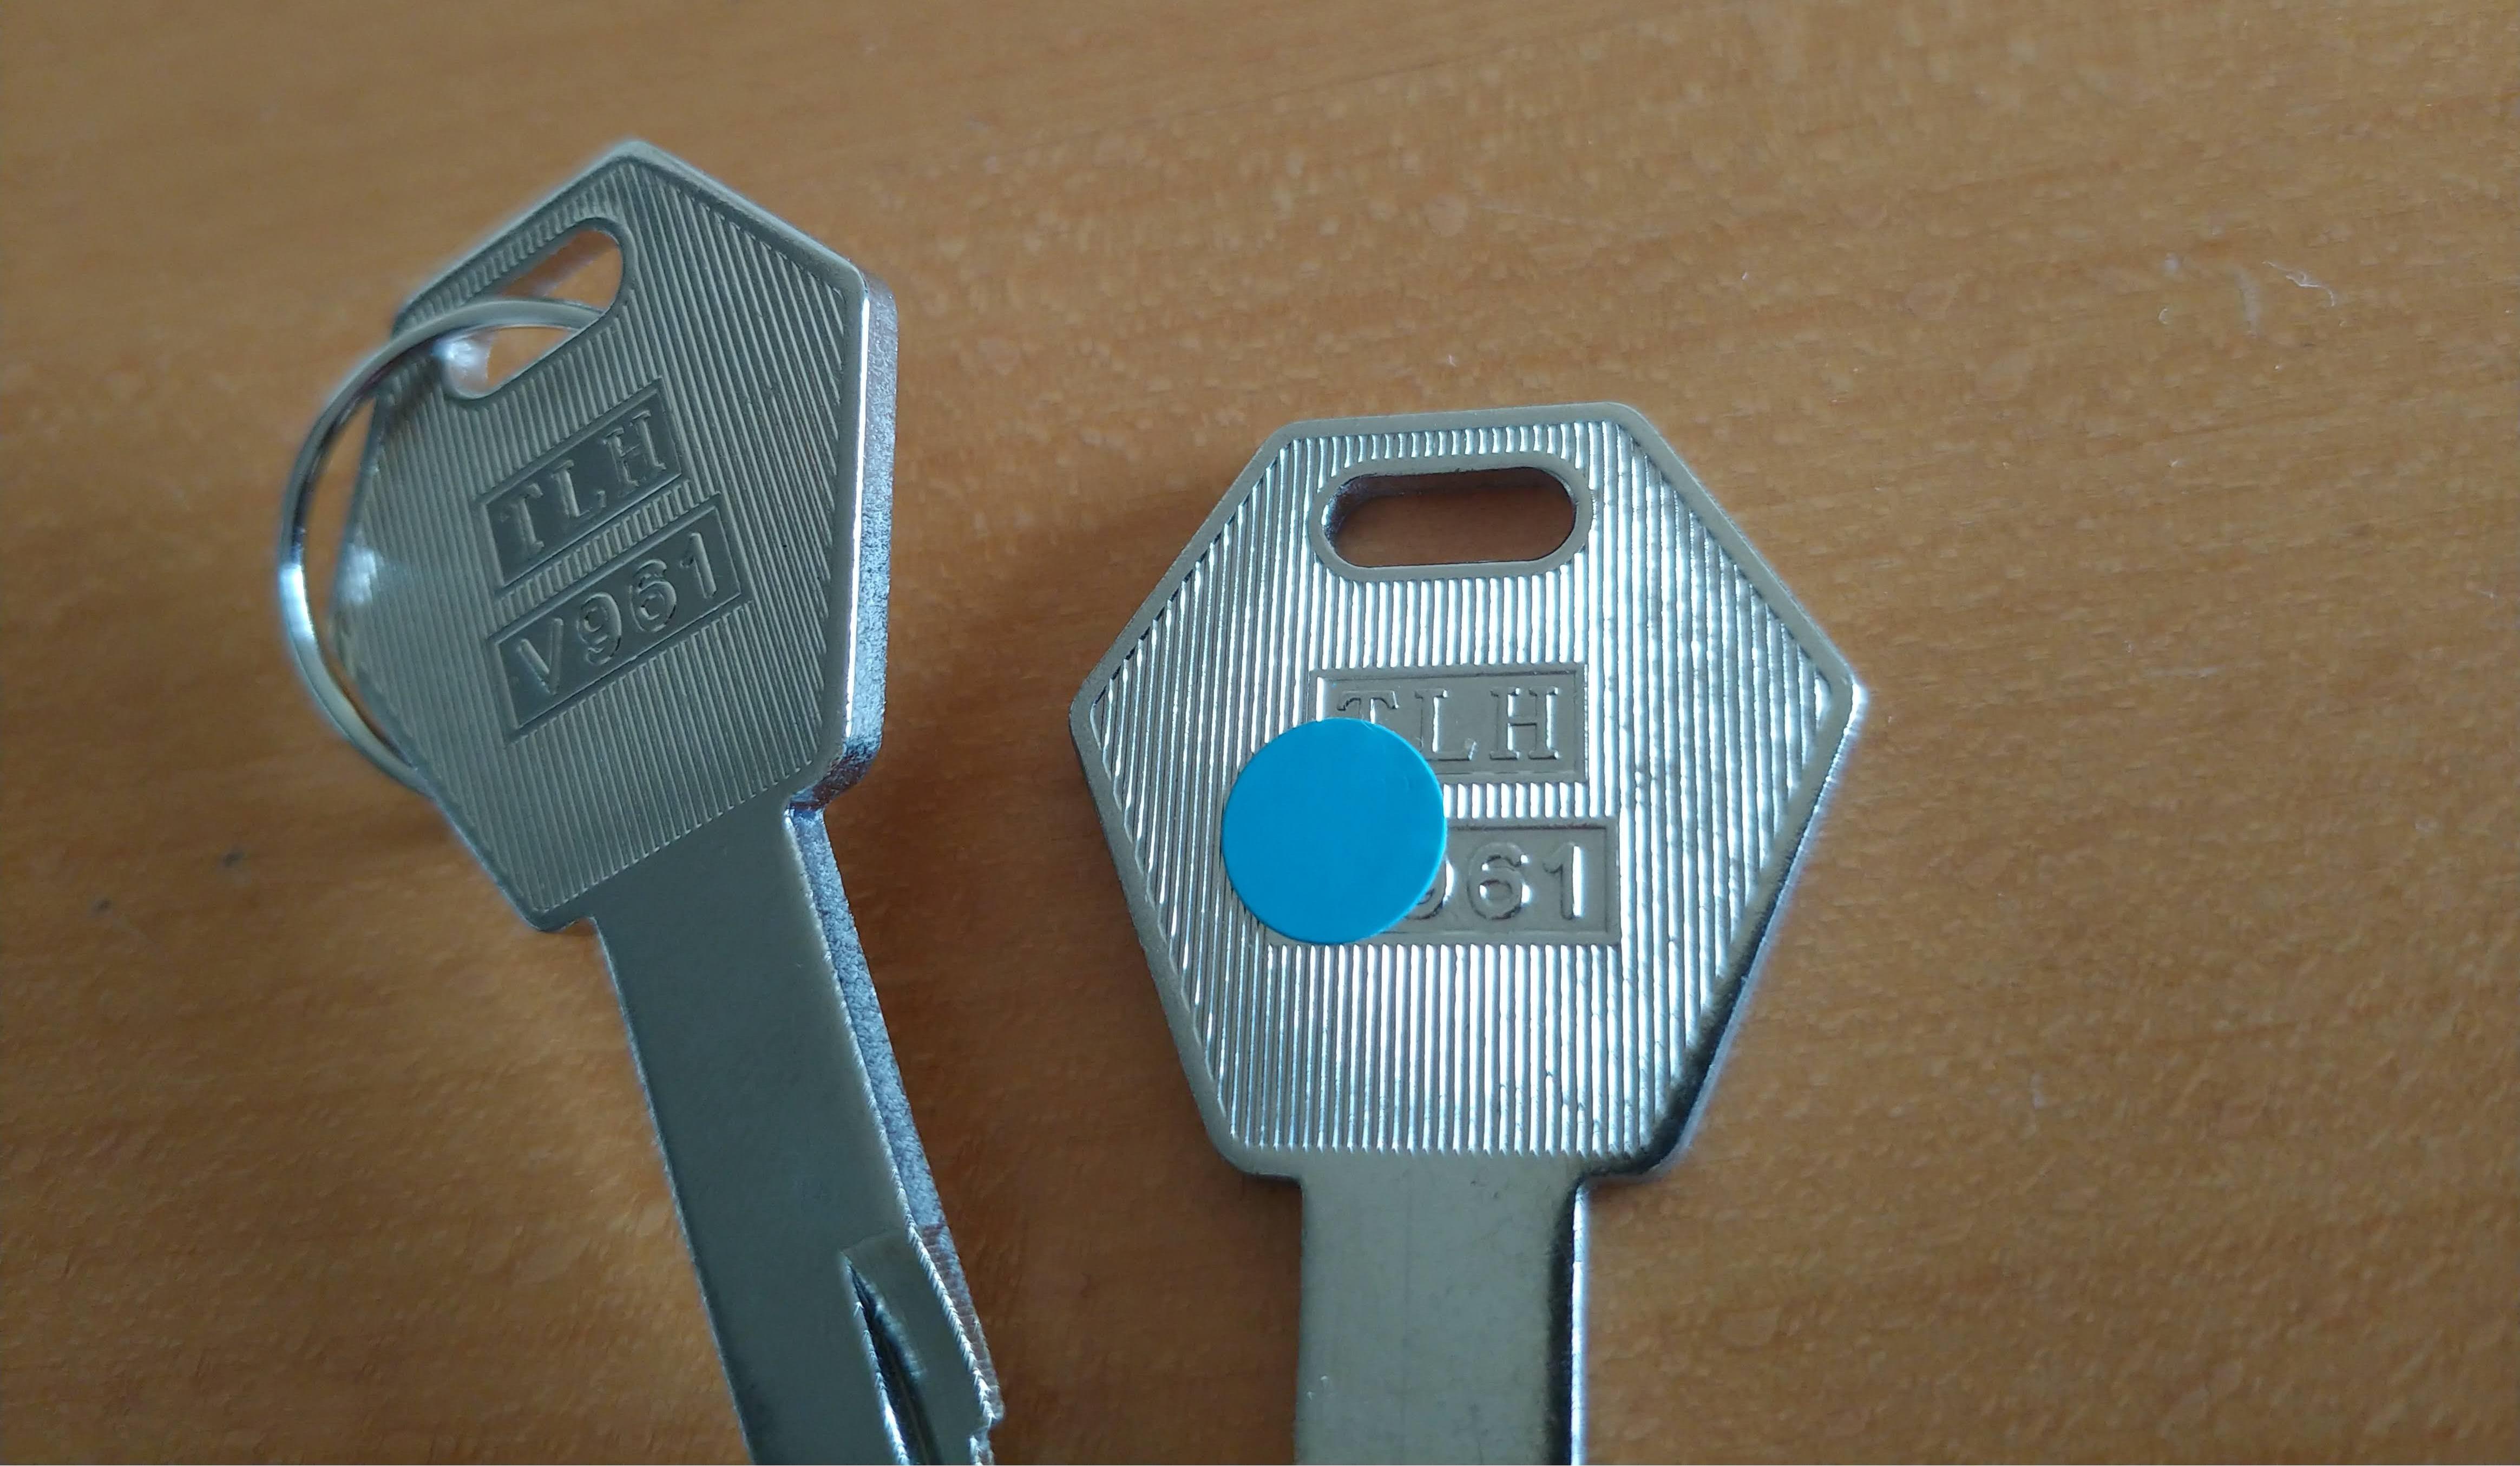 合鍵とホームセンターのおばちゃん、メルカリで譲ったトップケース